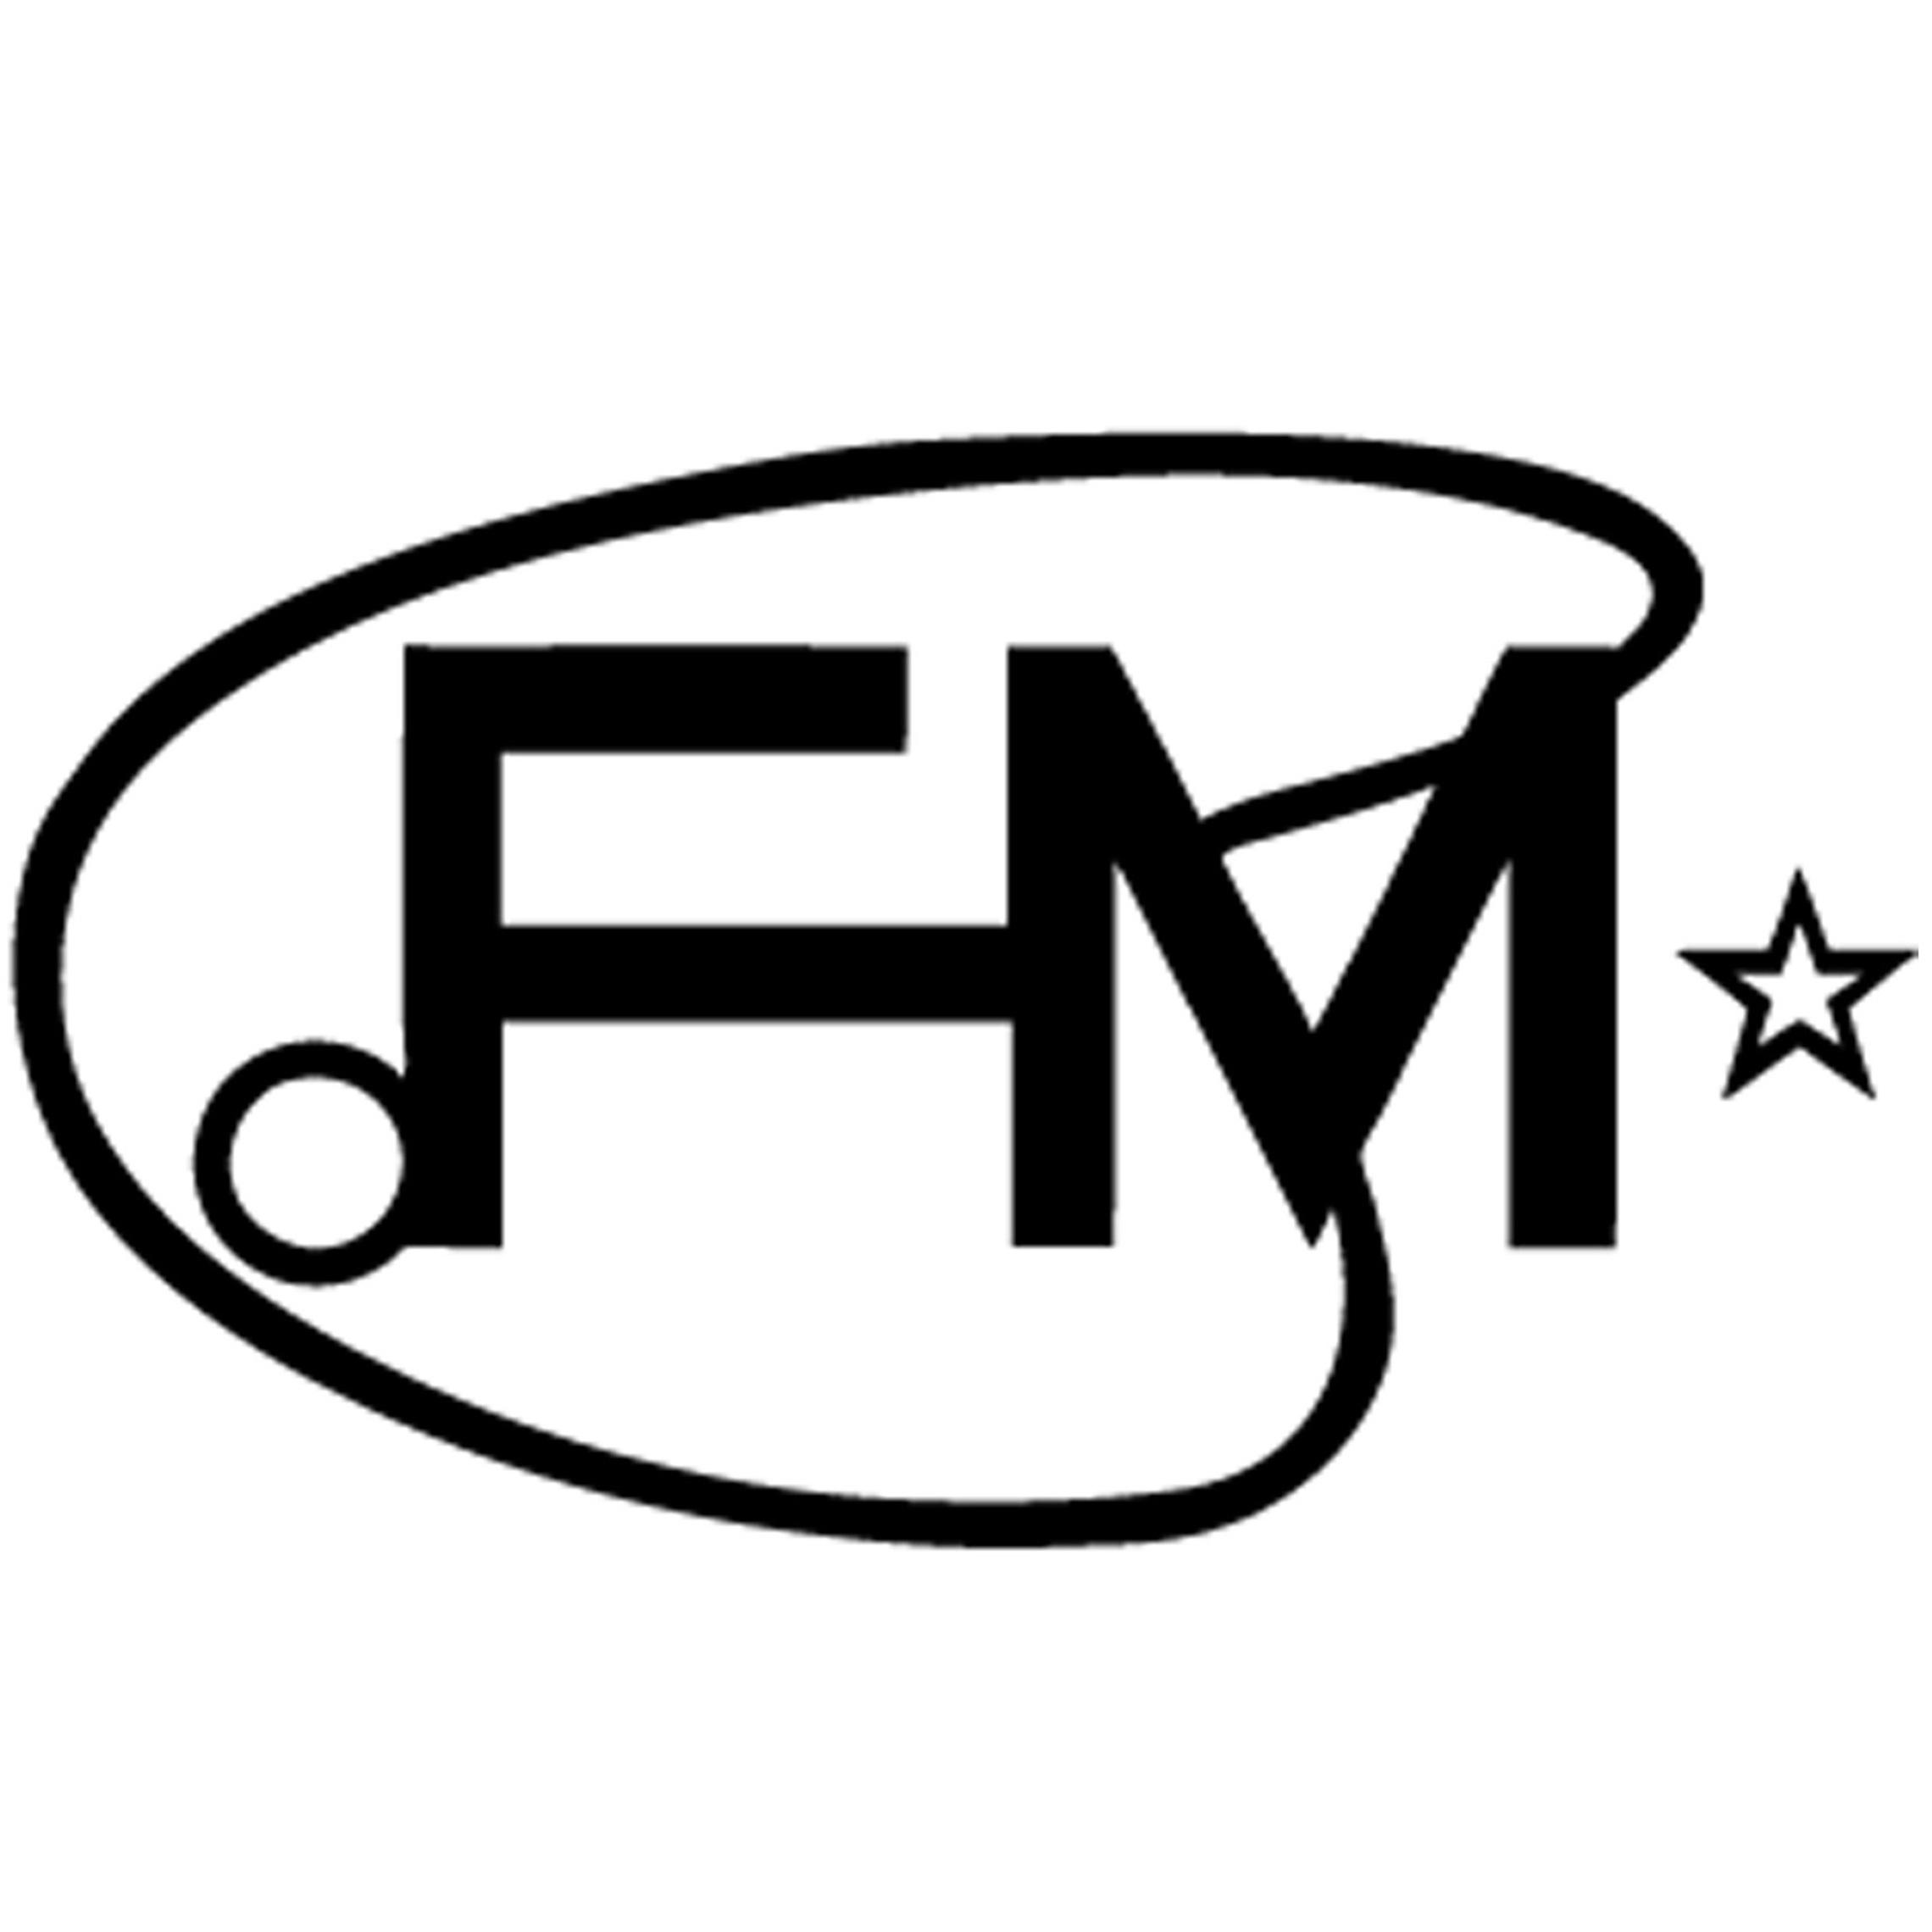 francesca martire ltd- company logo